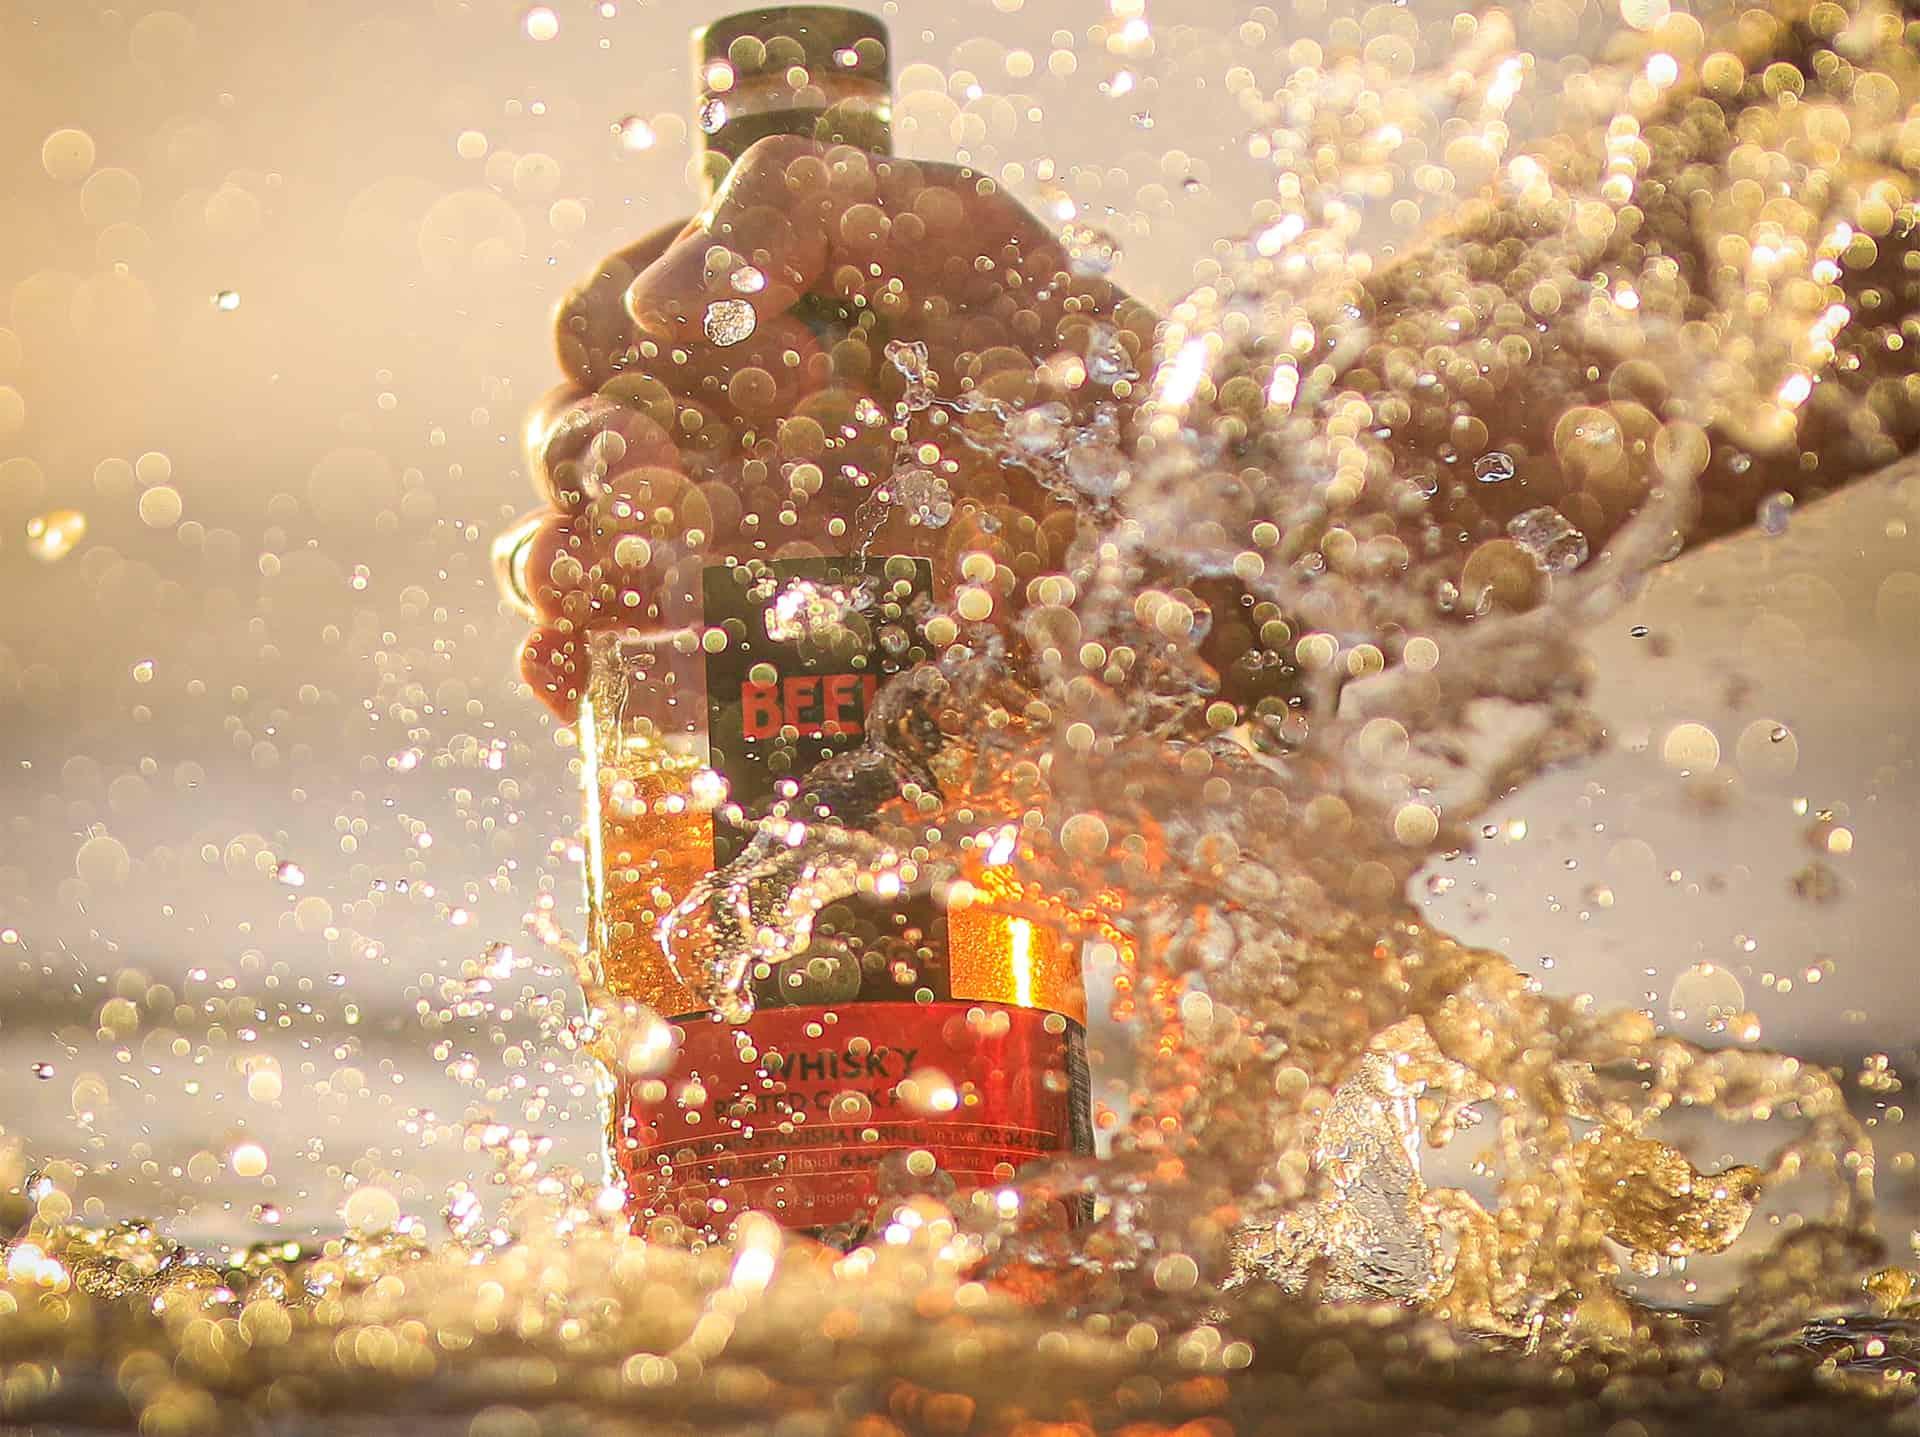 BEEK fles in de branding door Jesse Reij